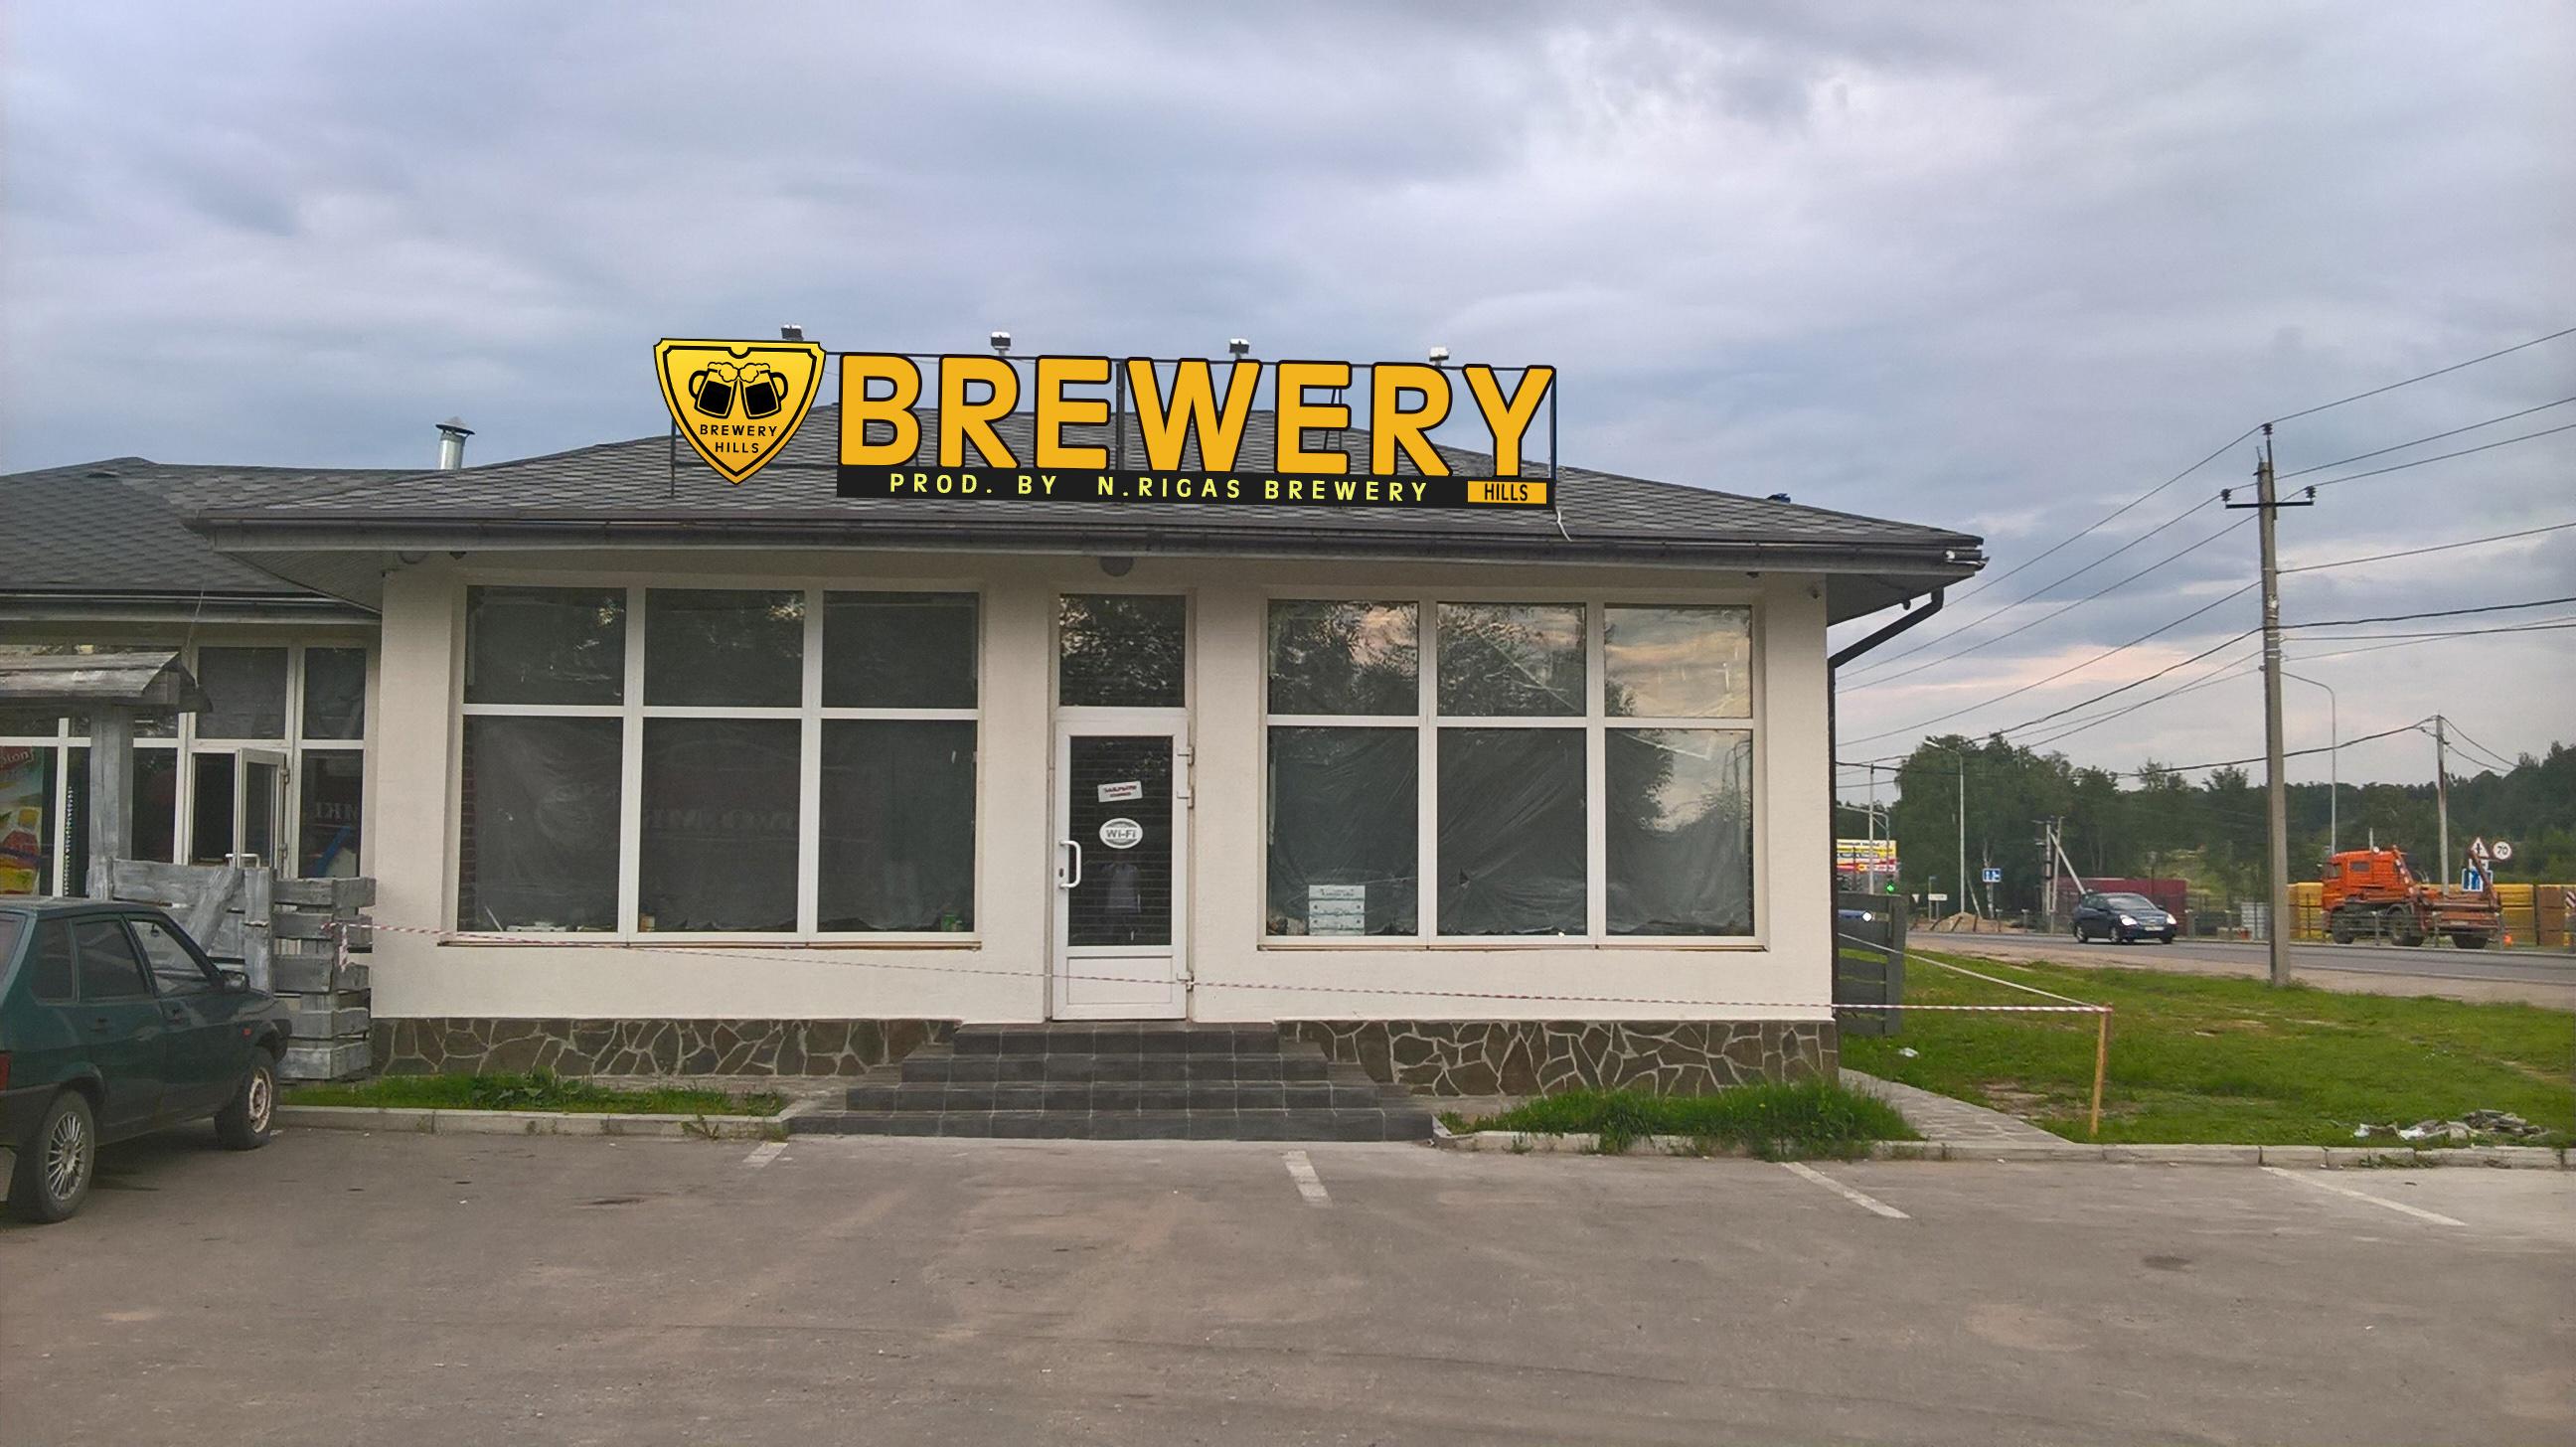 Название/вывеска на магазин пивоварни фото f_80759835f3a98b53.jpg